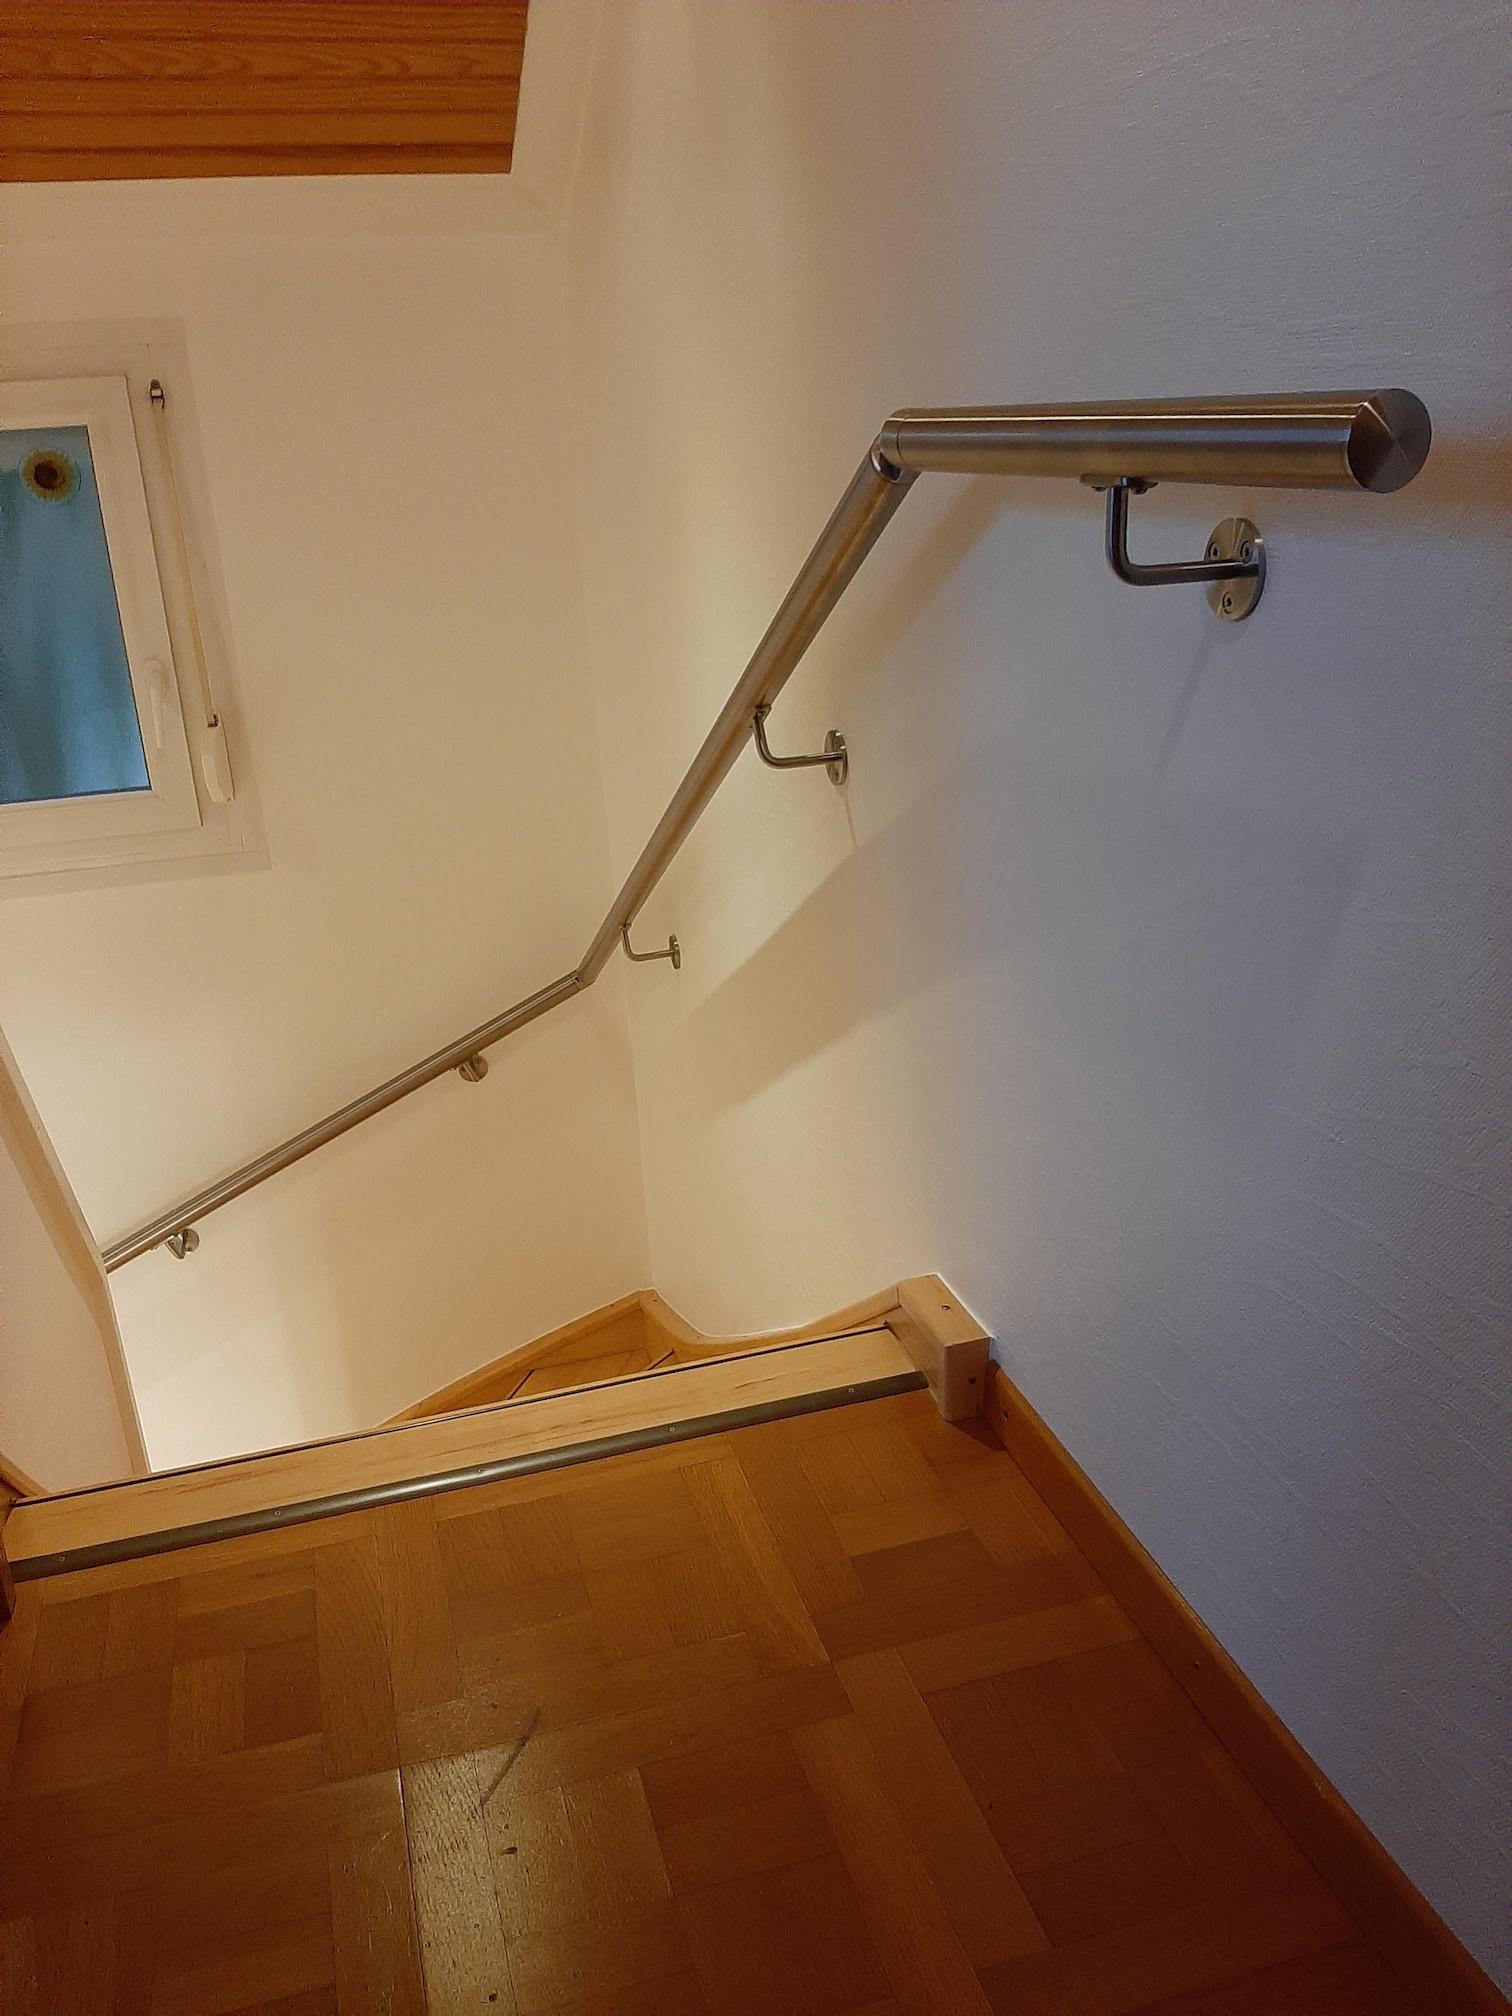 Conception et fabrication complete par notre client d'une rampe de protection escalier en Inox  -  Réalisation a  partir de notre gamme en Inox . Localisation Meurthe et Moselle